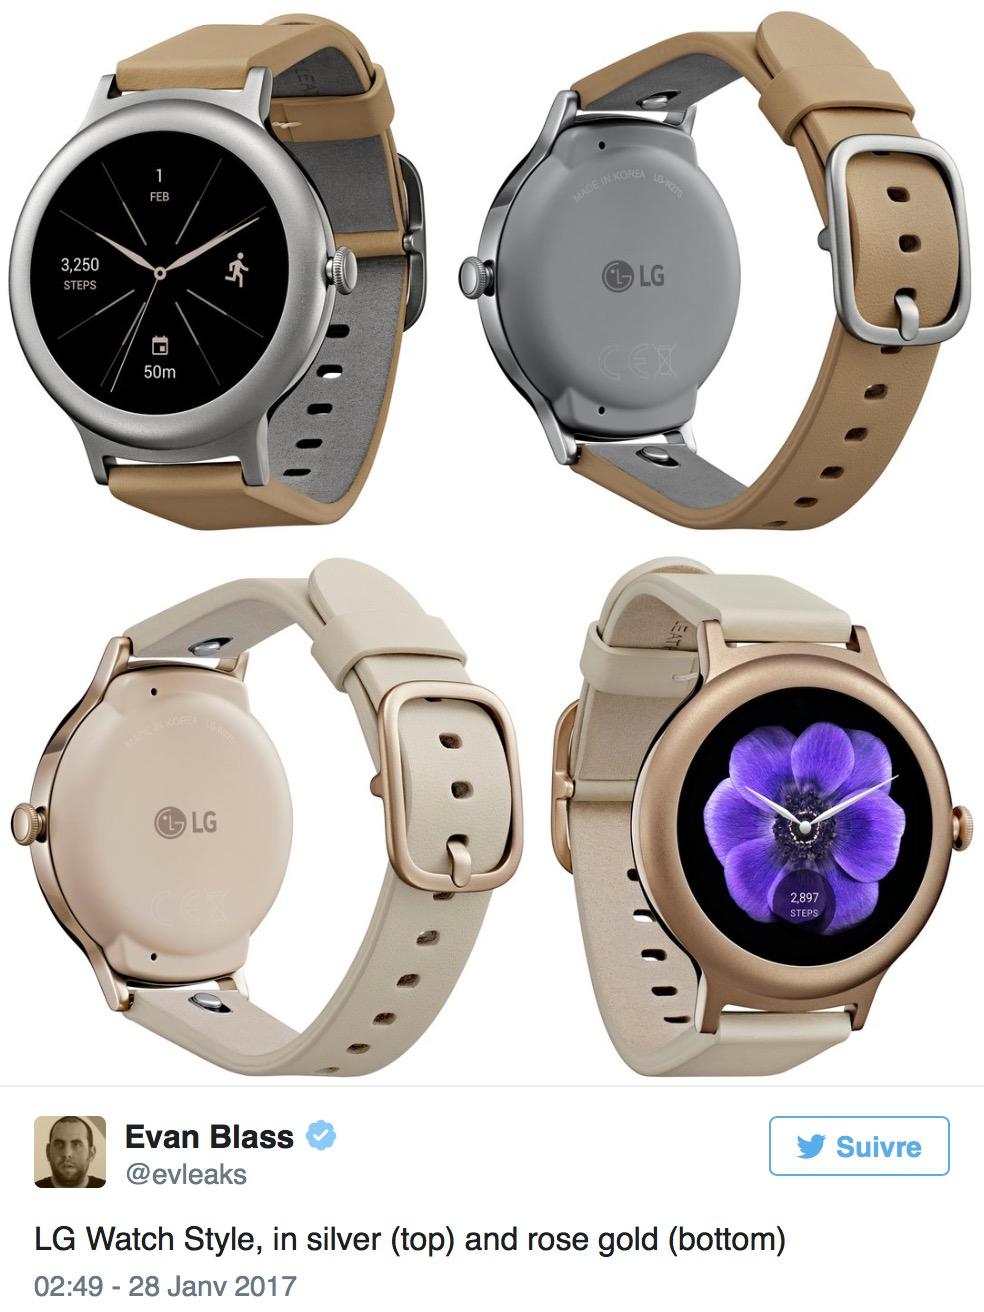 LG Watch Style Evleaks1